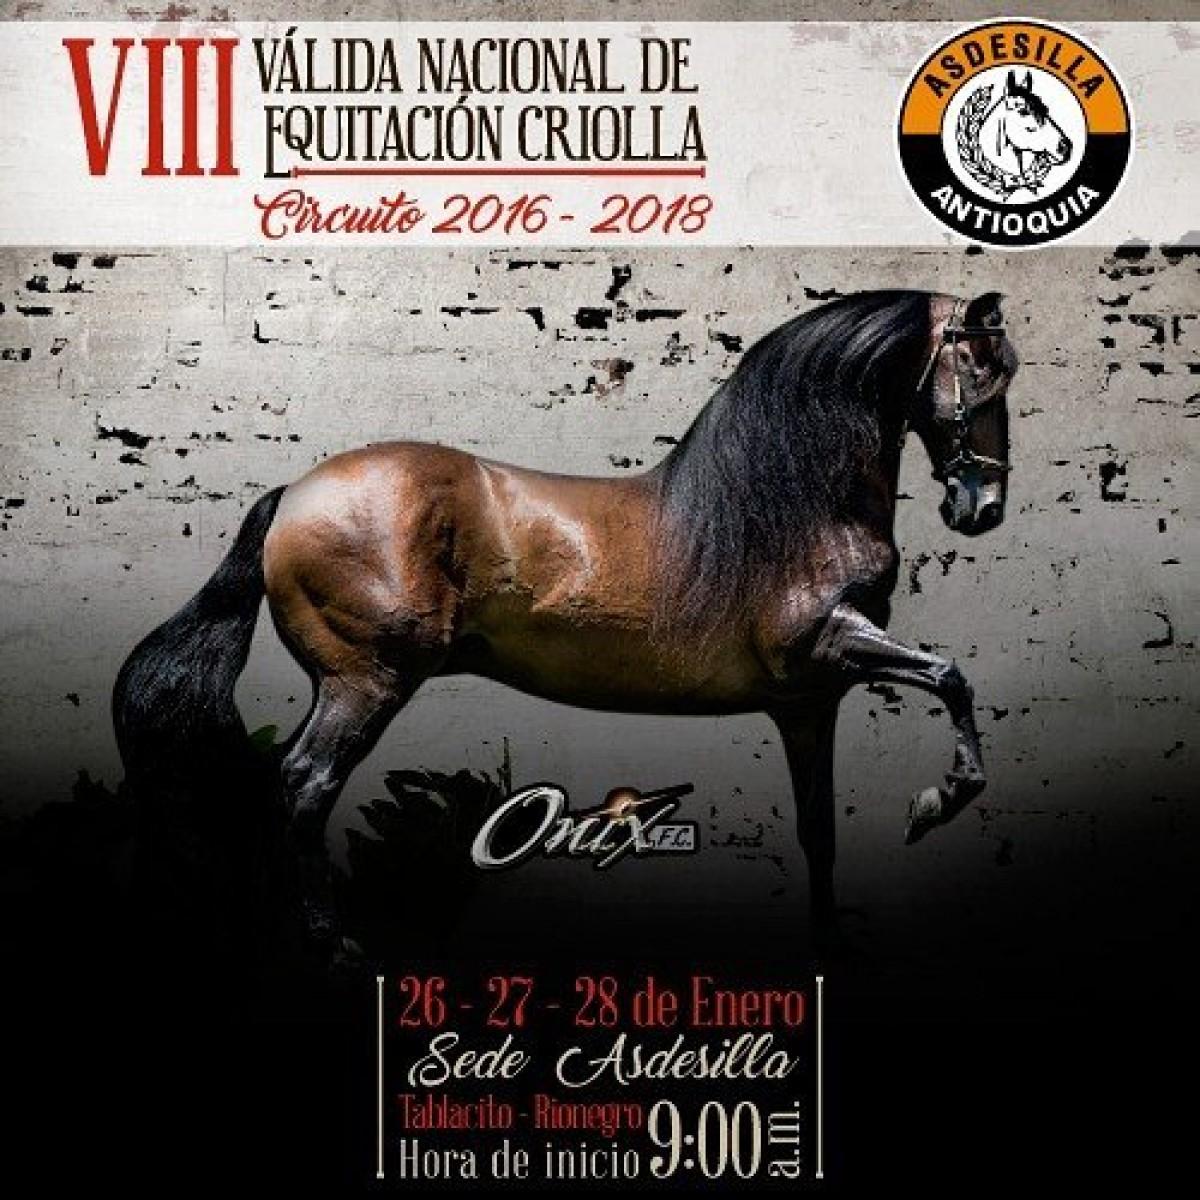 TRANSMISIÓN VIII Válida Nacional De Equitación Criolla, Del 26 al 28 de Enero